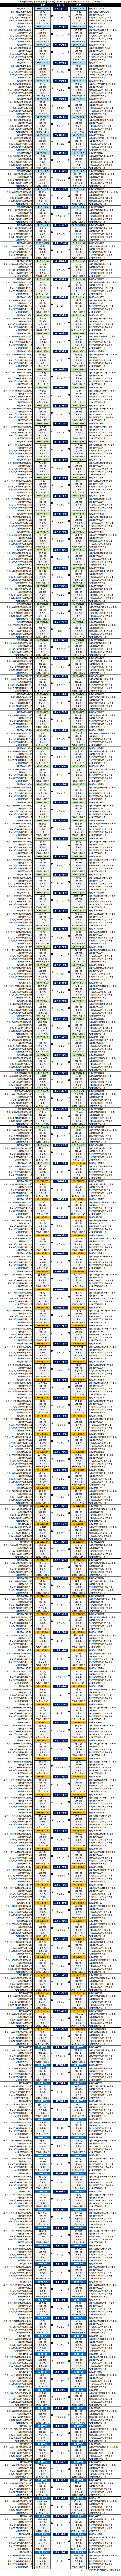 大相撲・2019年11月場所4日目・幕下以下の取組結果